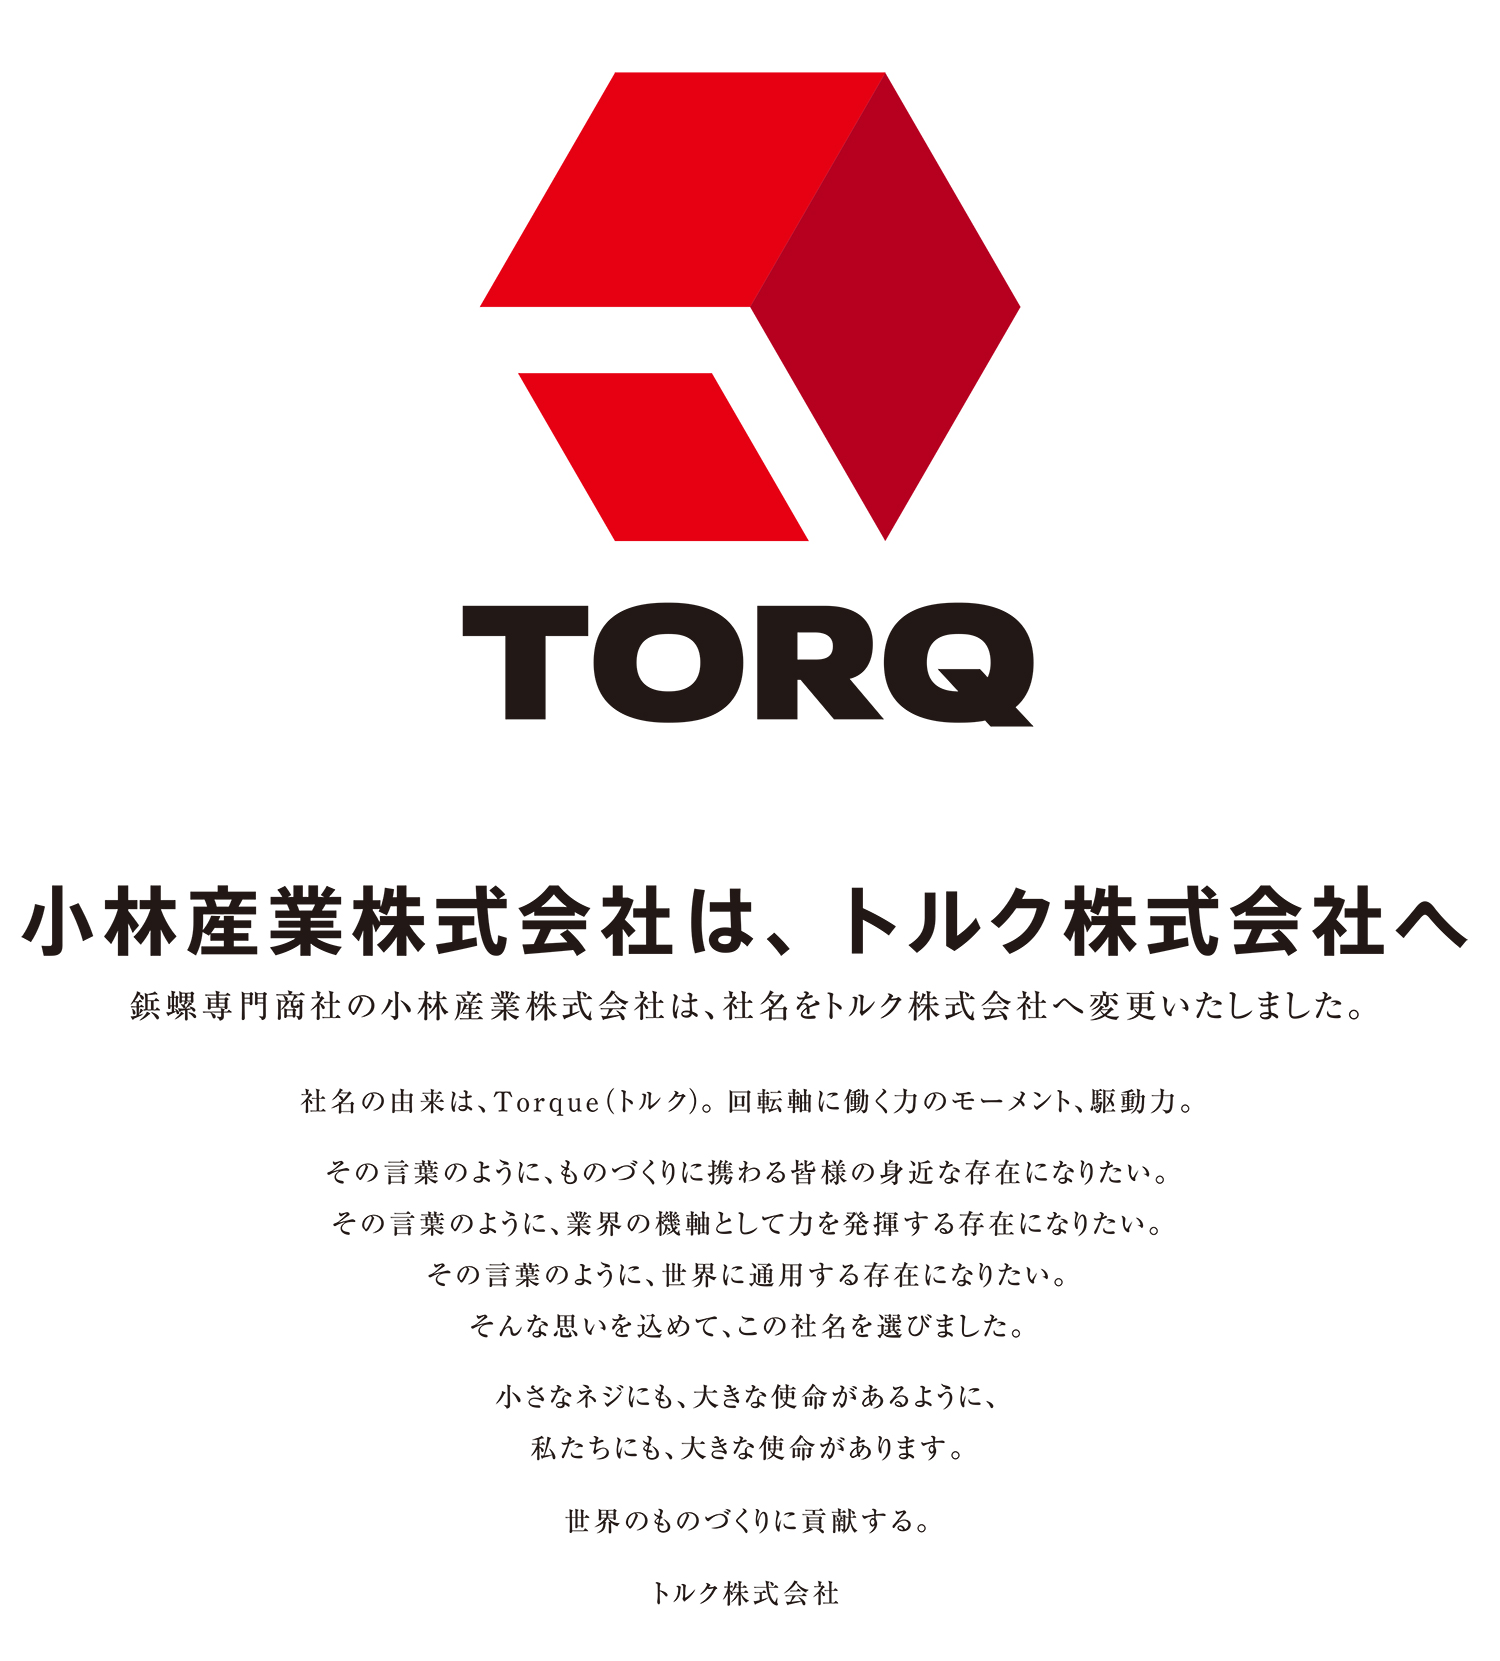 トルク株式会社